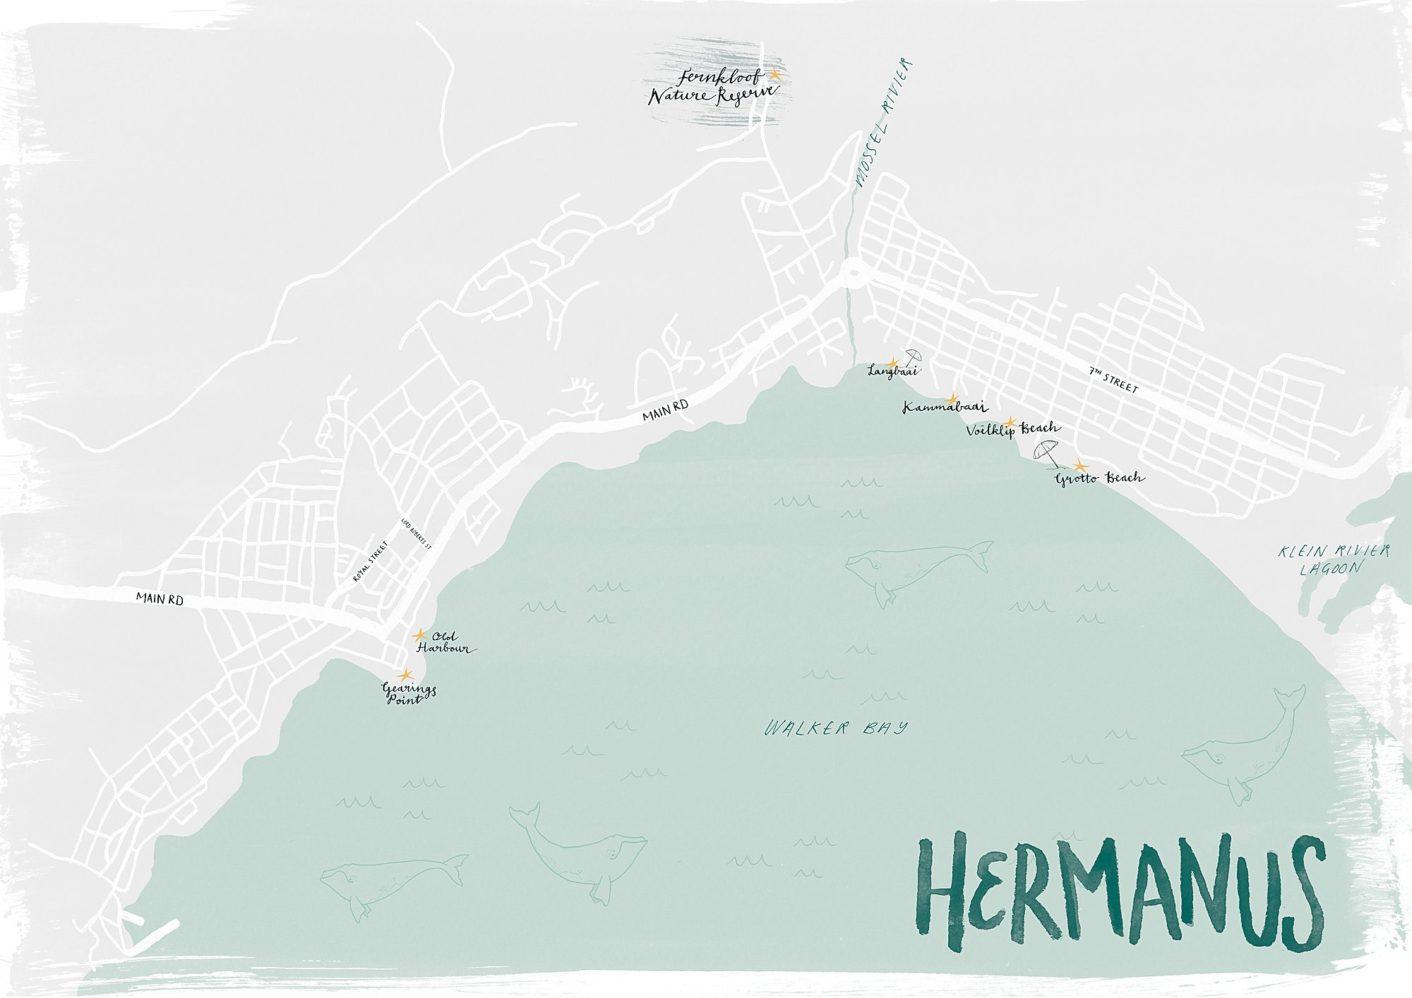 Hermanus Illustrated Map